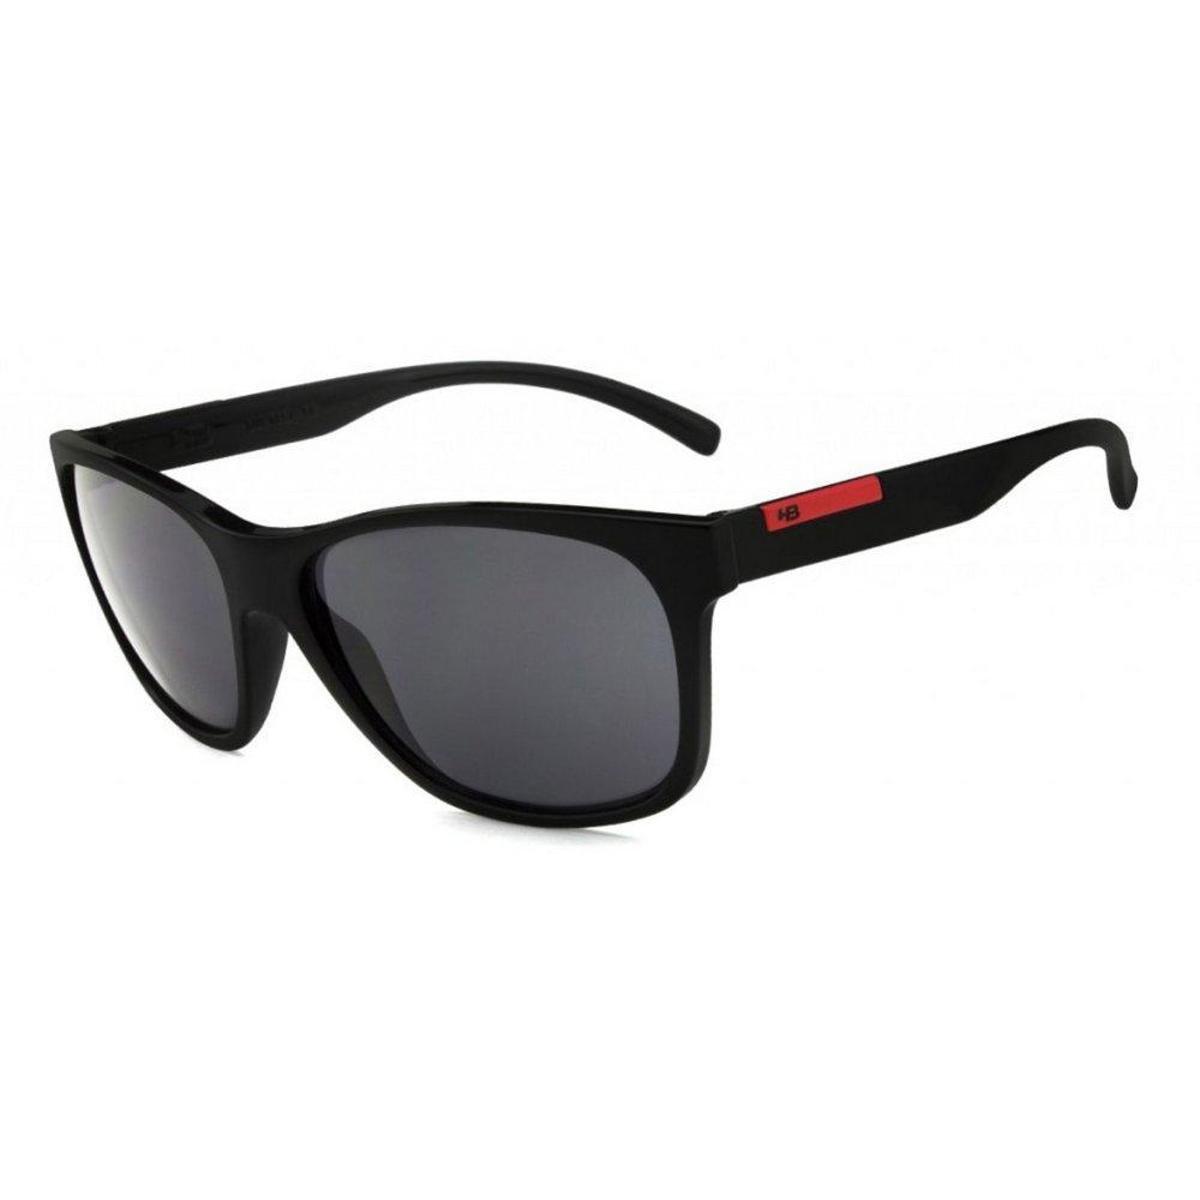 f18c595b795de Óculos de Sol HB Underground - Preto e Vermelho - Compre Agora ...